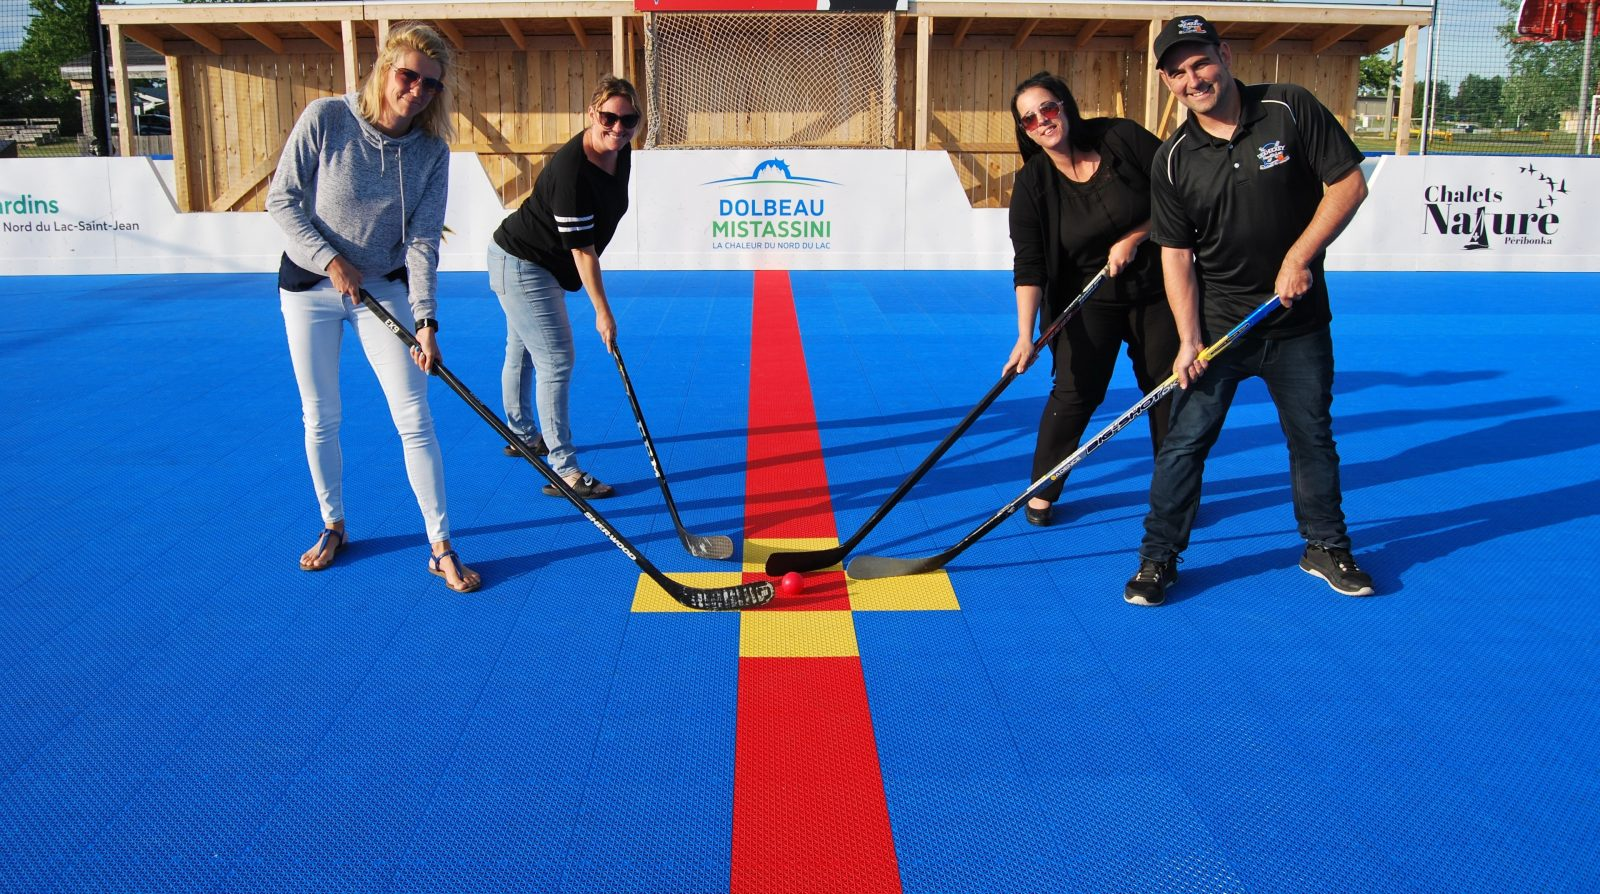 Festival du bleuet: Le tournoi de dek hockey est complet!